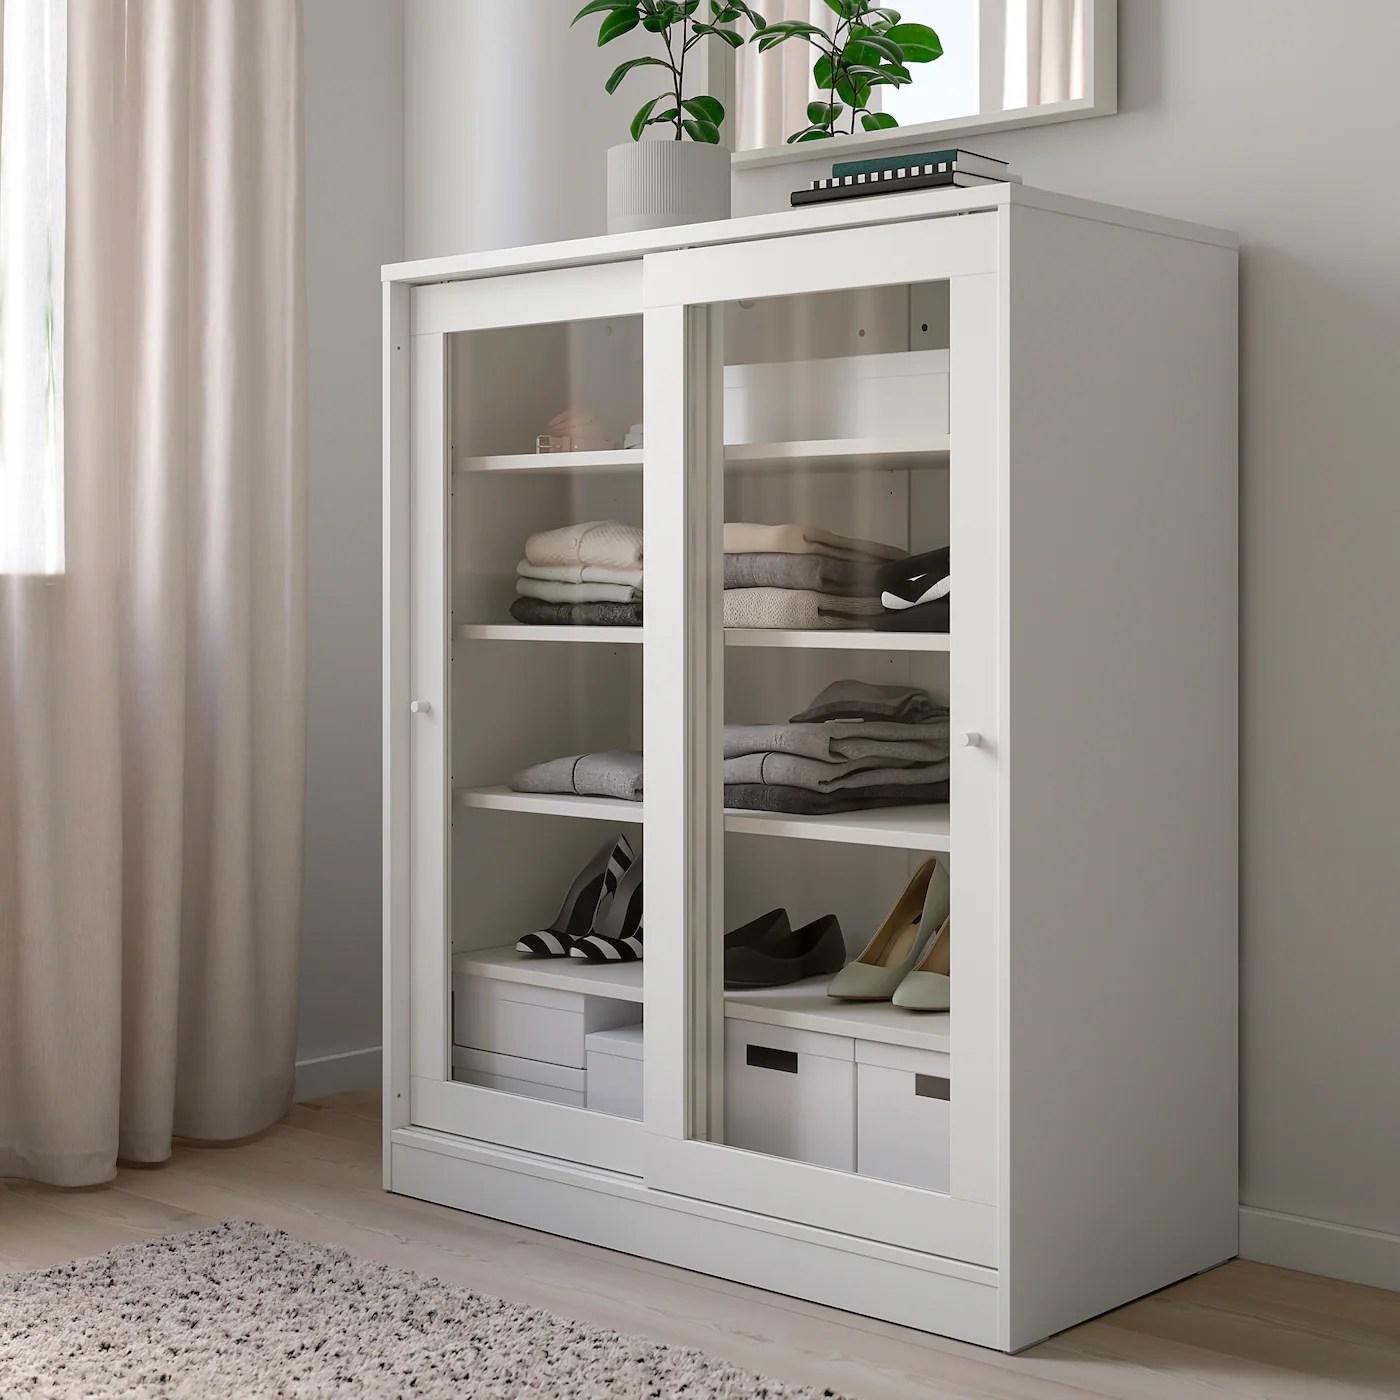 syvde rangement avec portes en verre blanc 100x123 cm